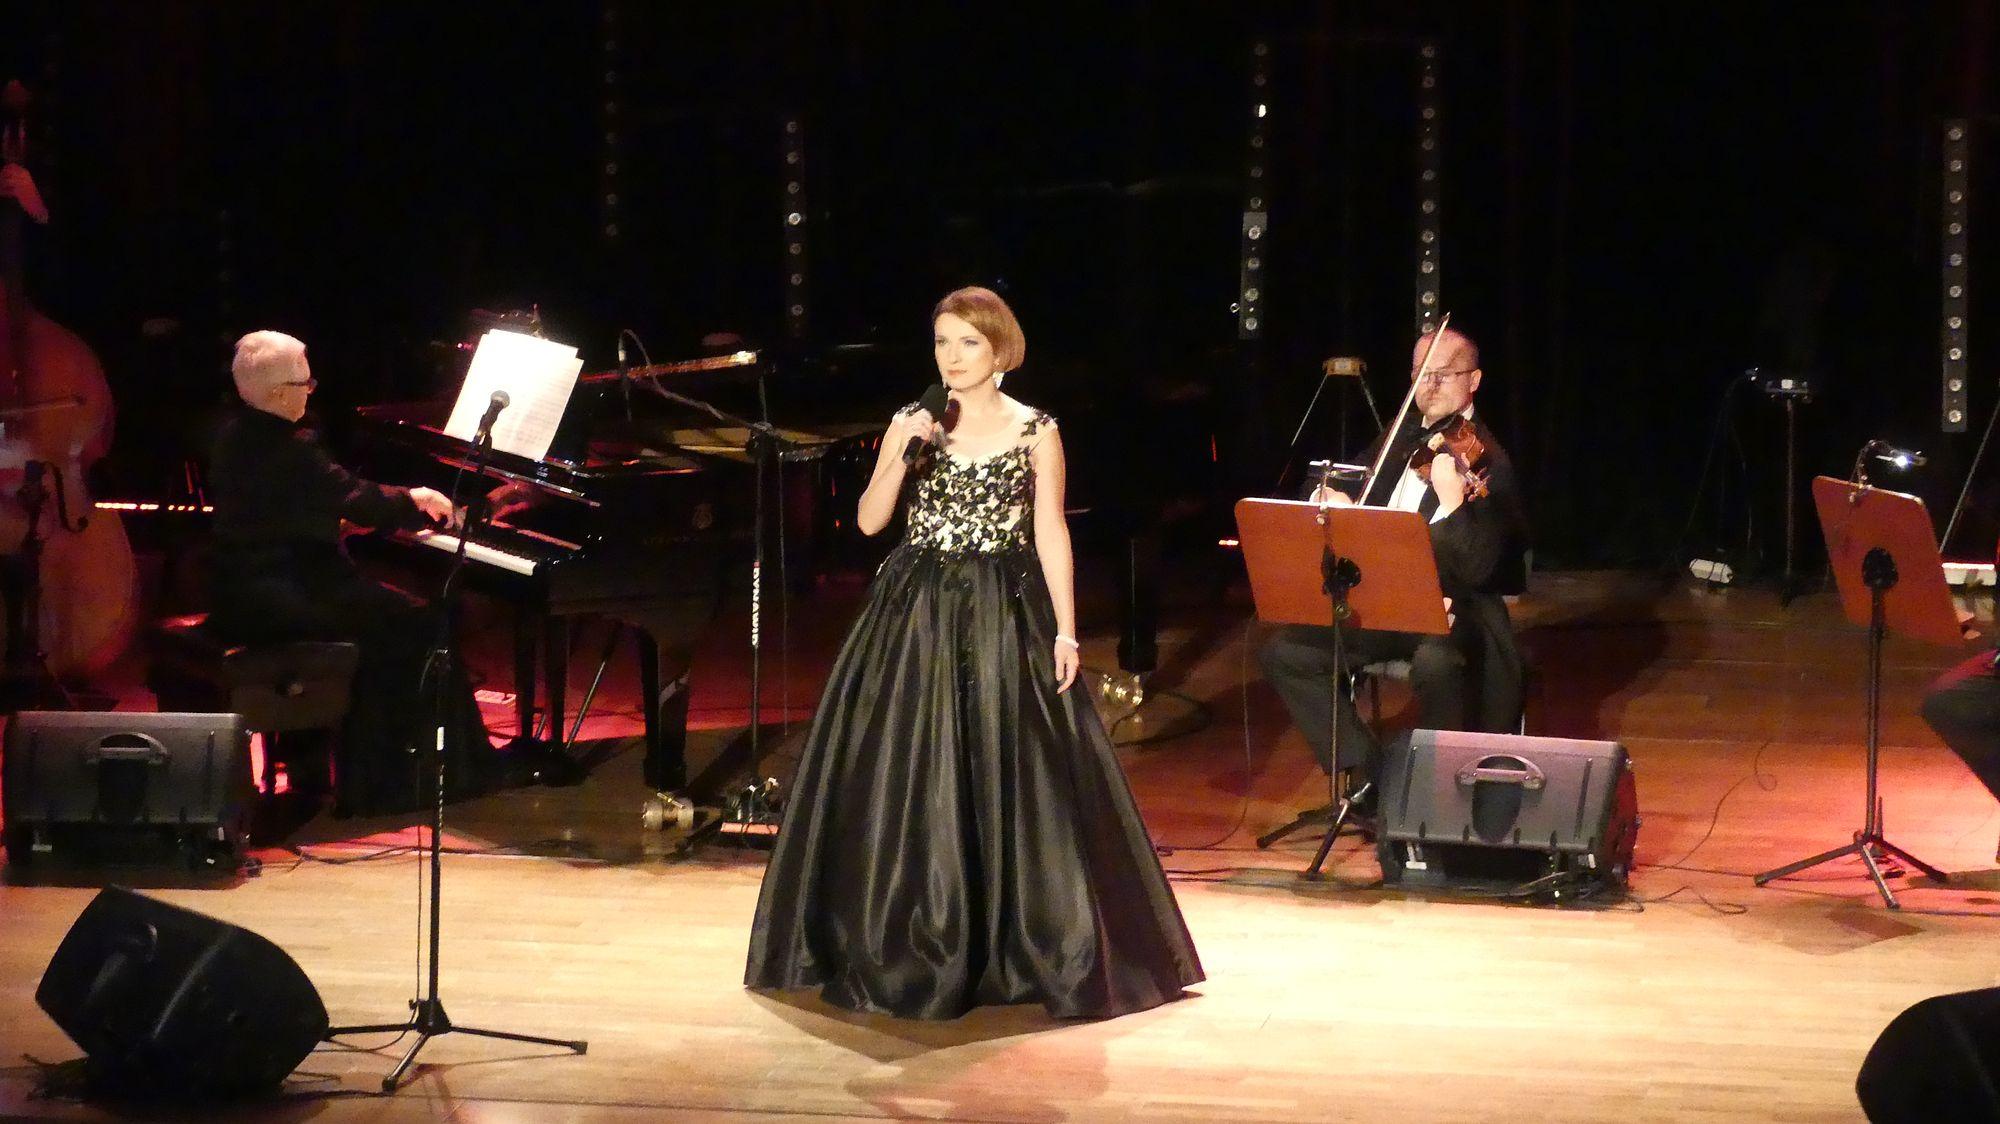 Już w najbliższą sobotę, niezwykłe wydarzenie muzyczne w Filharmonii Łódzkiej  - KONCERT WIEDEŃSKI Z KLASĄ I HUMOREM - Zdjęcie główne